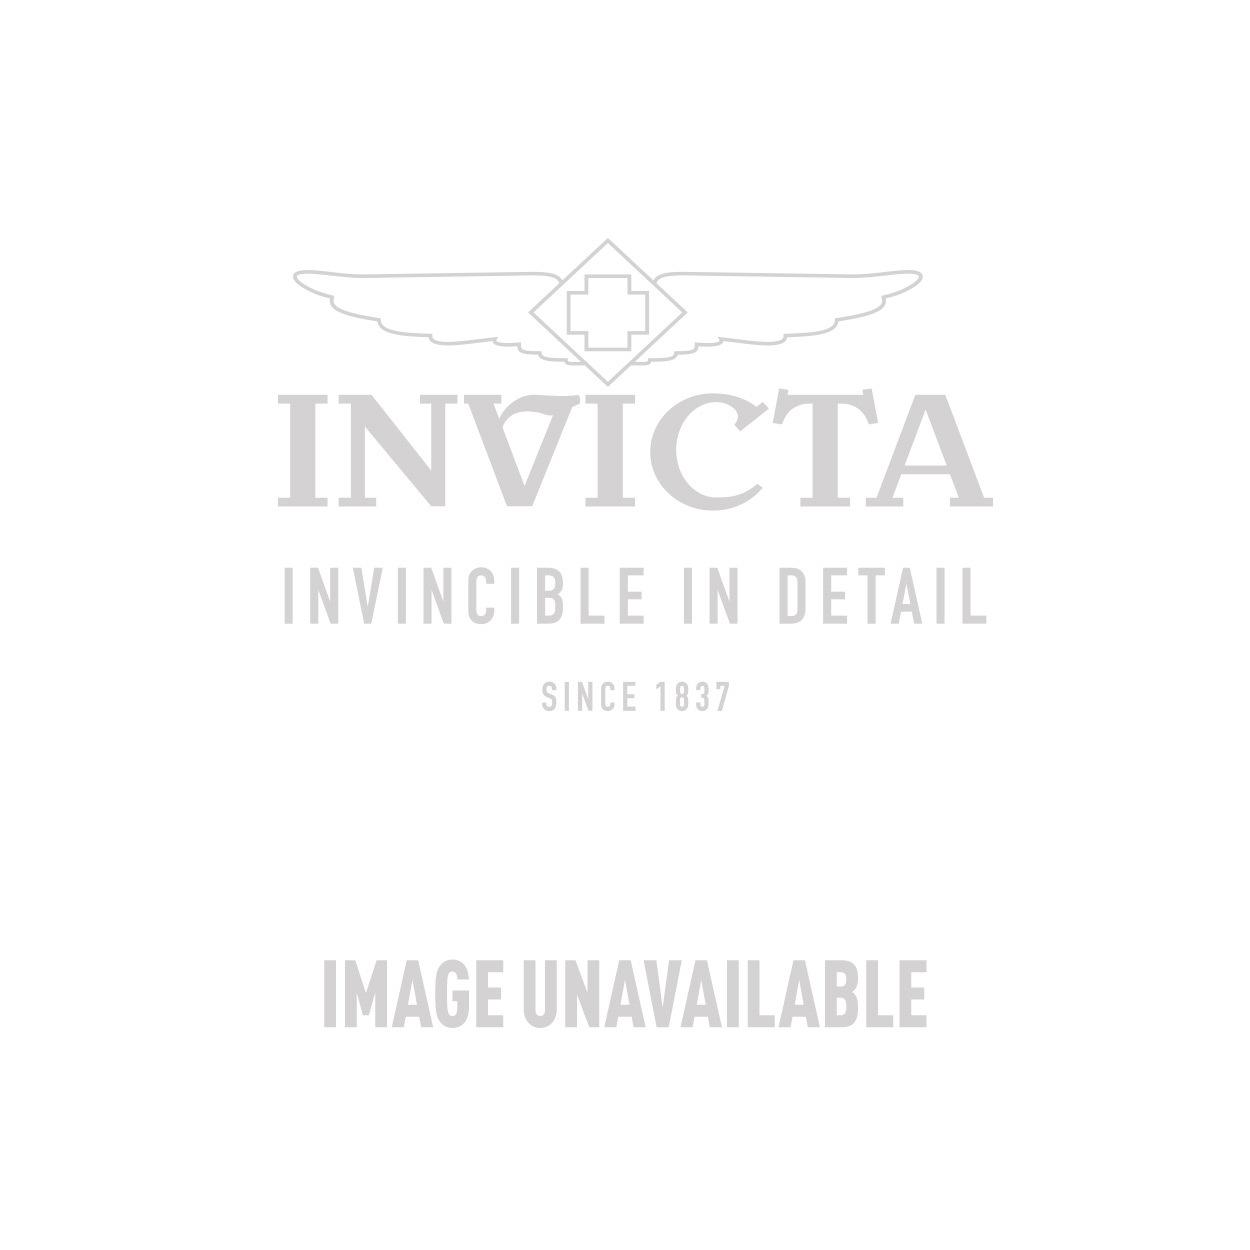 Invicta Model 24628